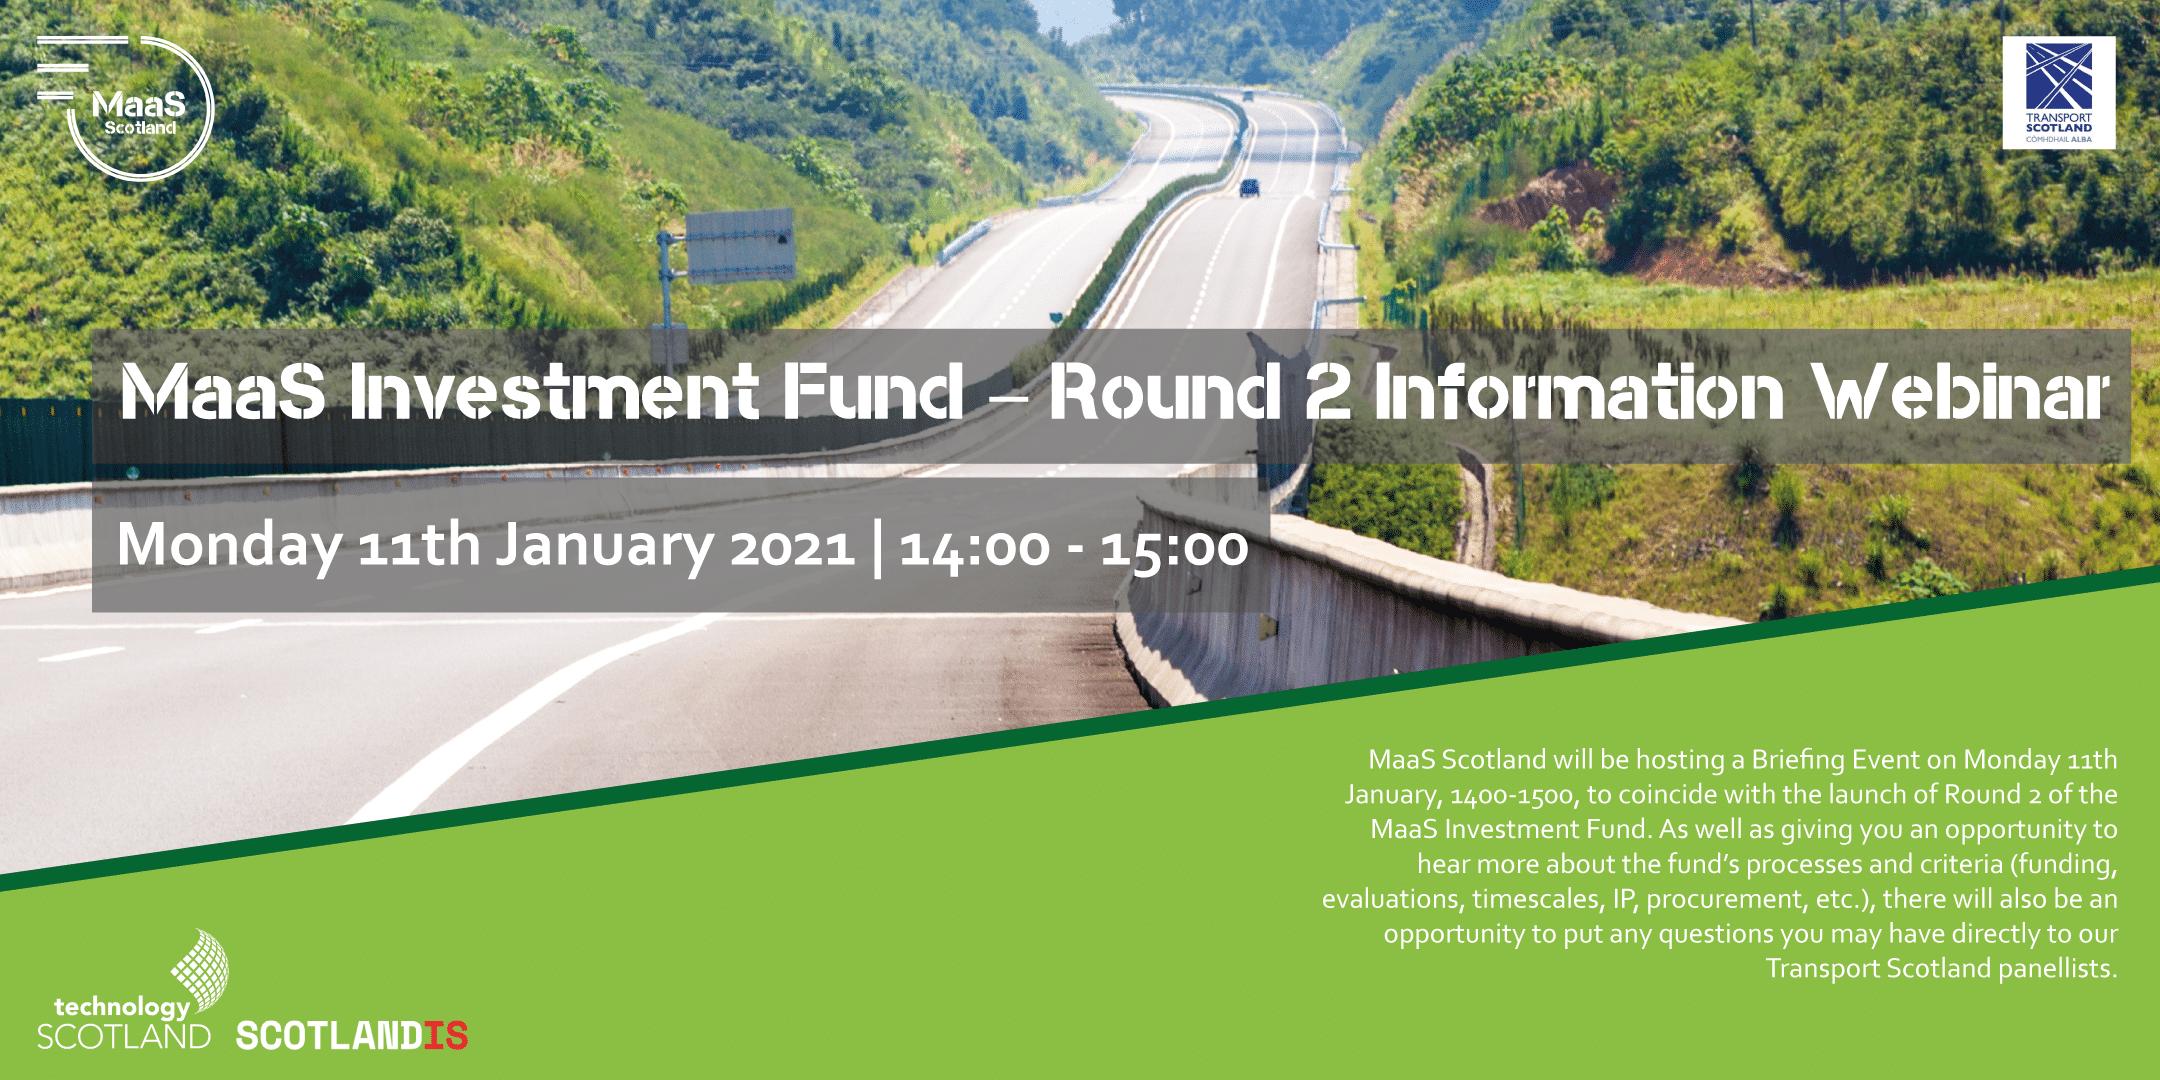 MaaS Investment Fund – Round 2 Information Webinar